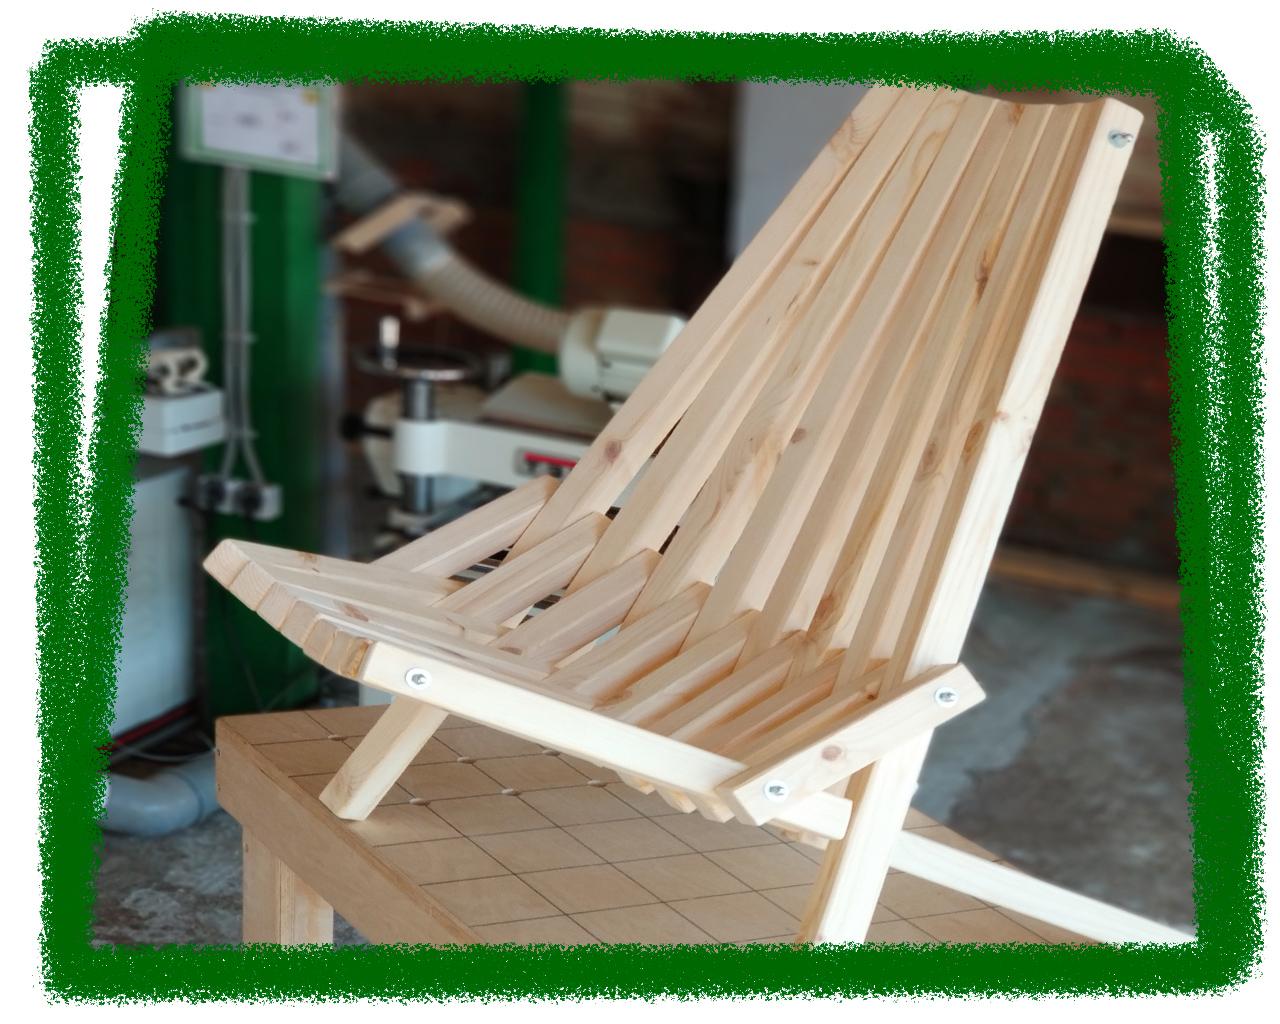 Кресло кентукки, раскладное кресло своими руками, мастеркласс дерево